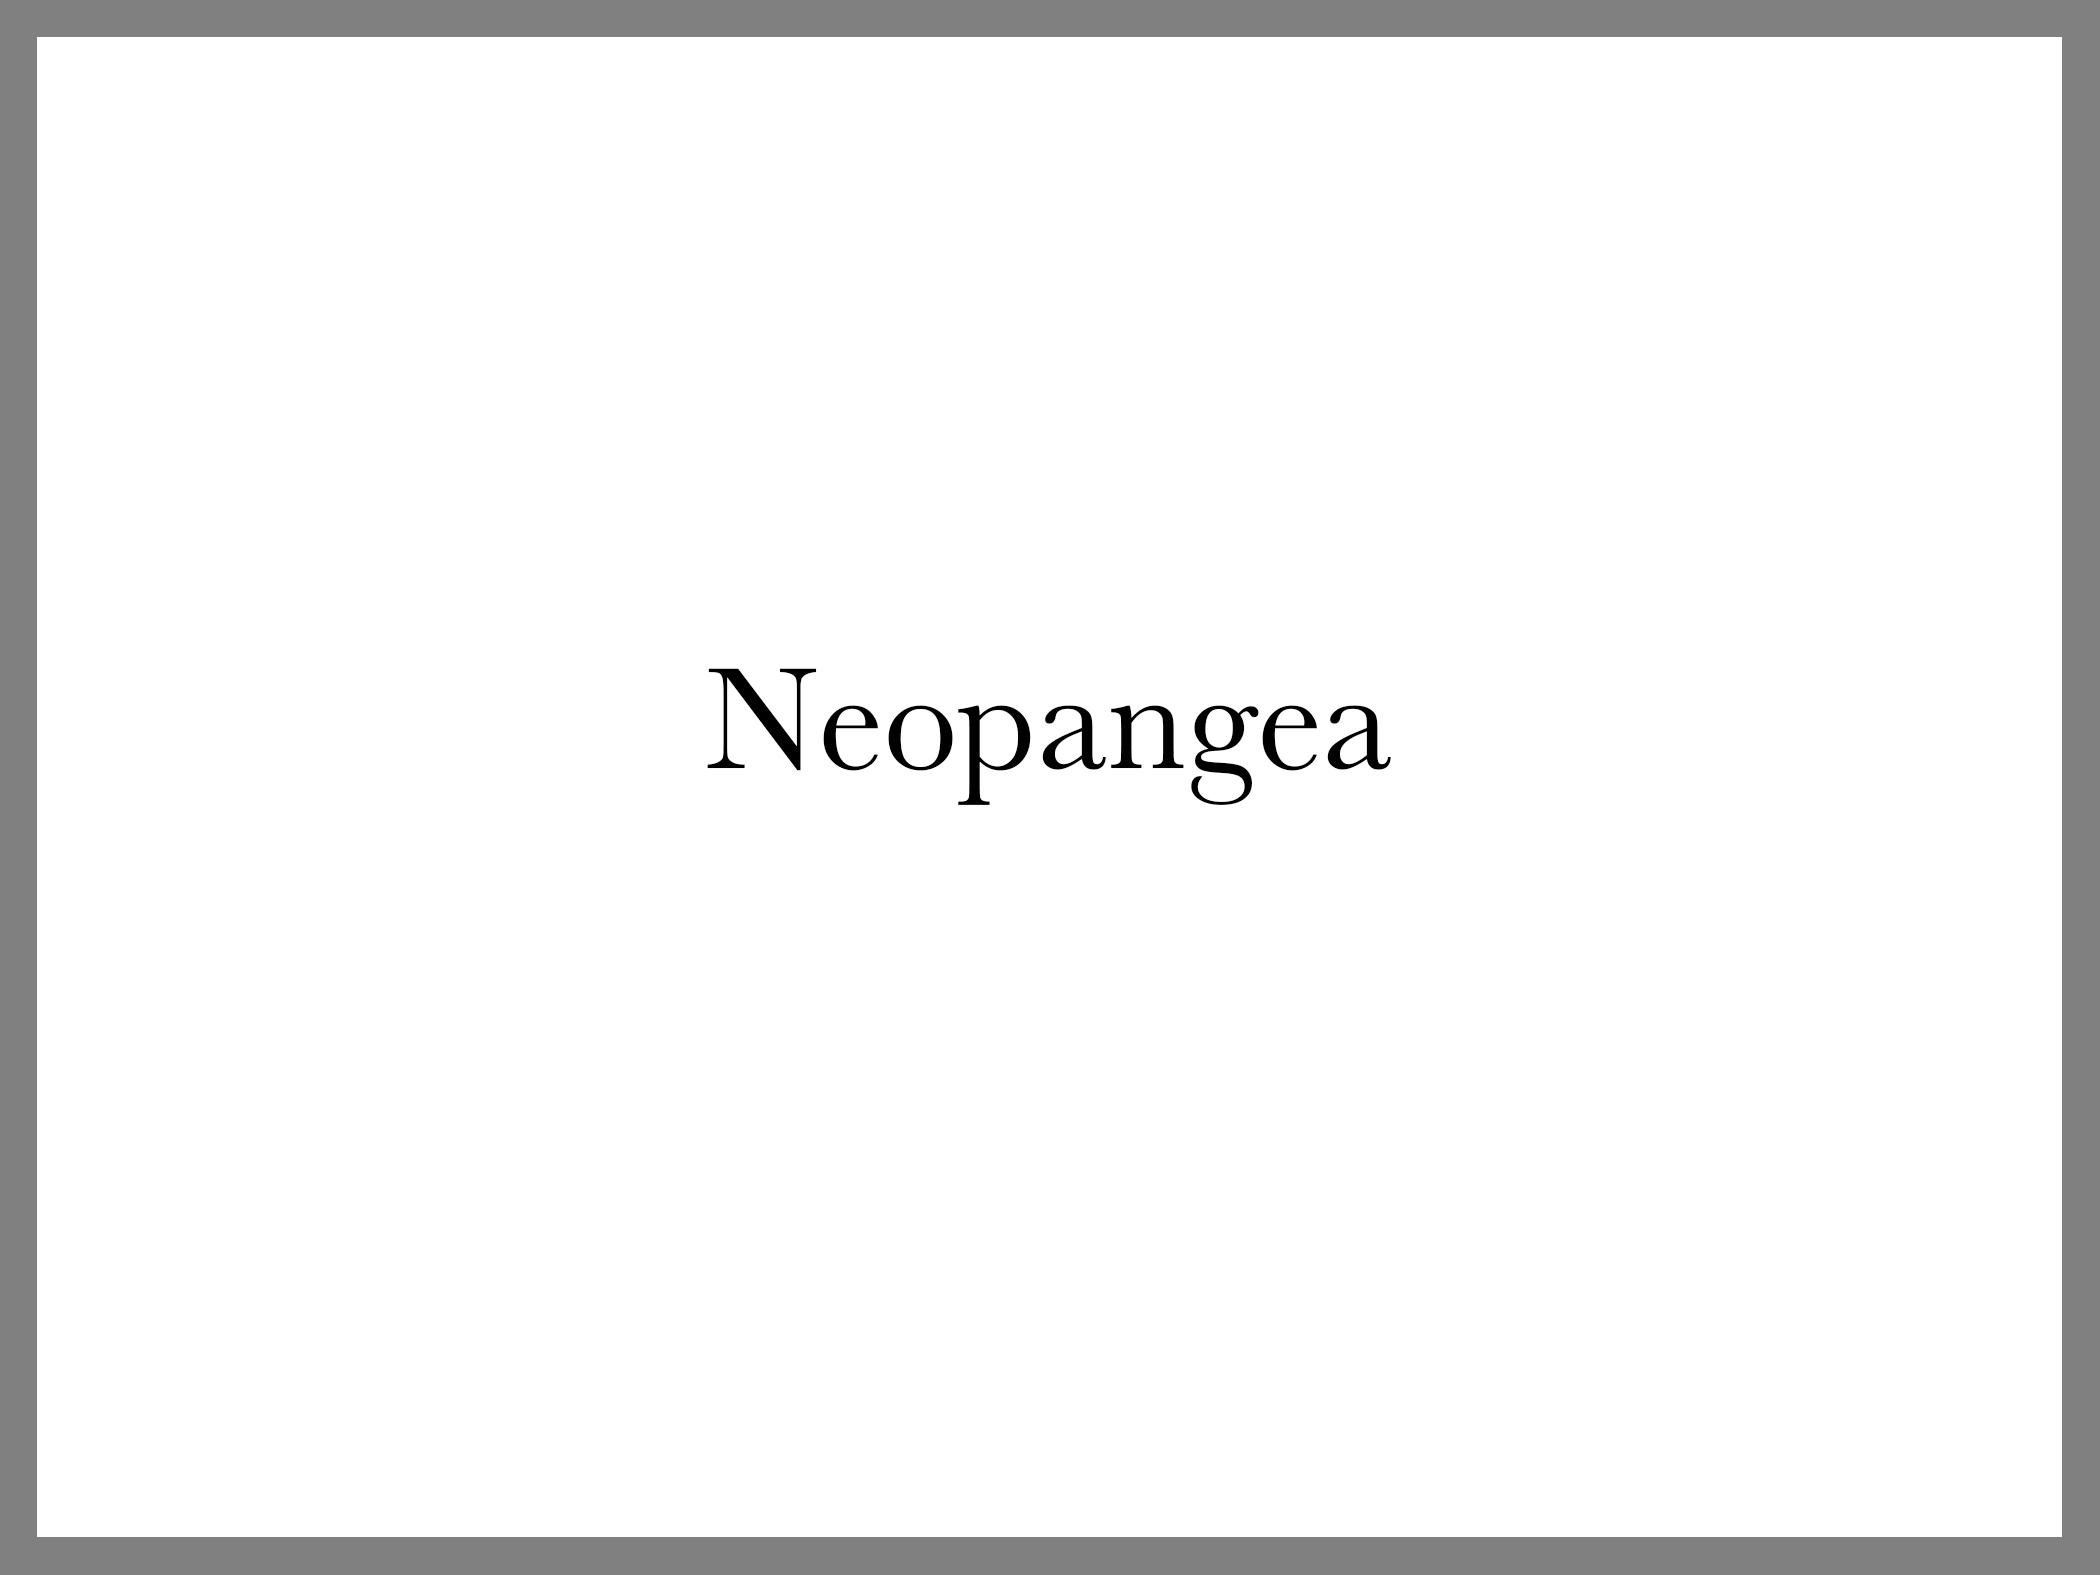 Neopangea Front